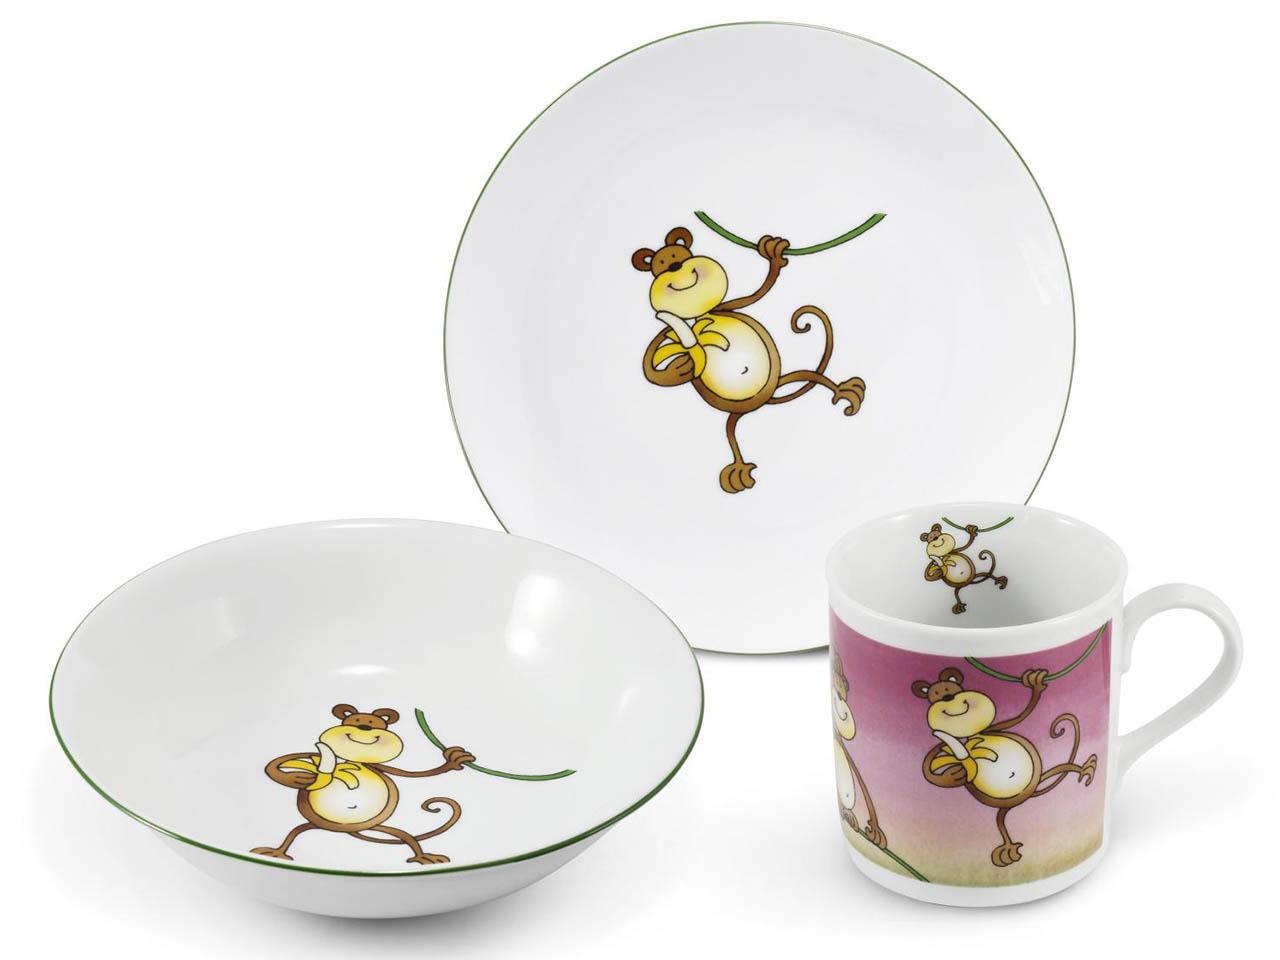 Фото Детский набор посуды Обезьянка, 3 предмета